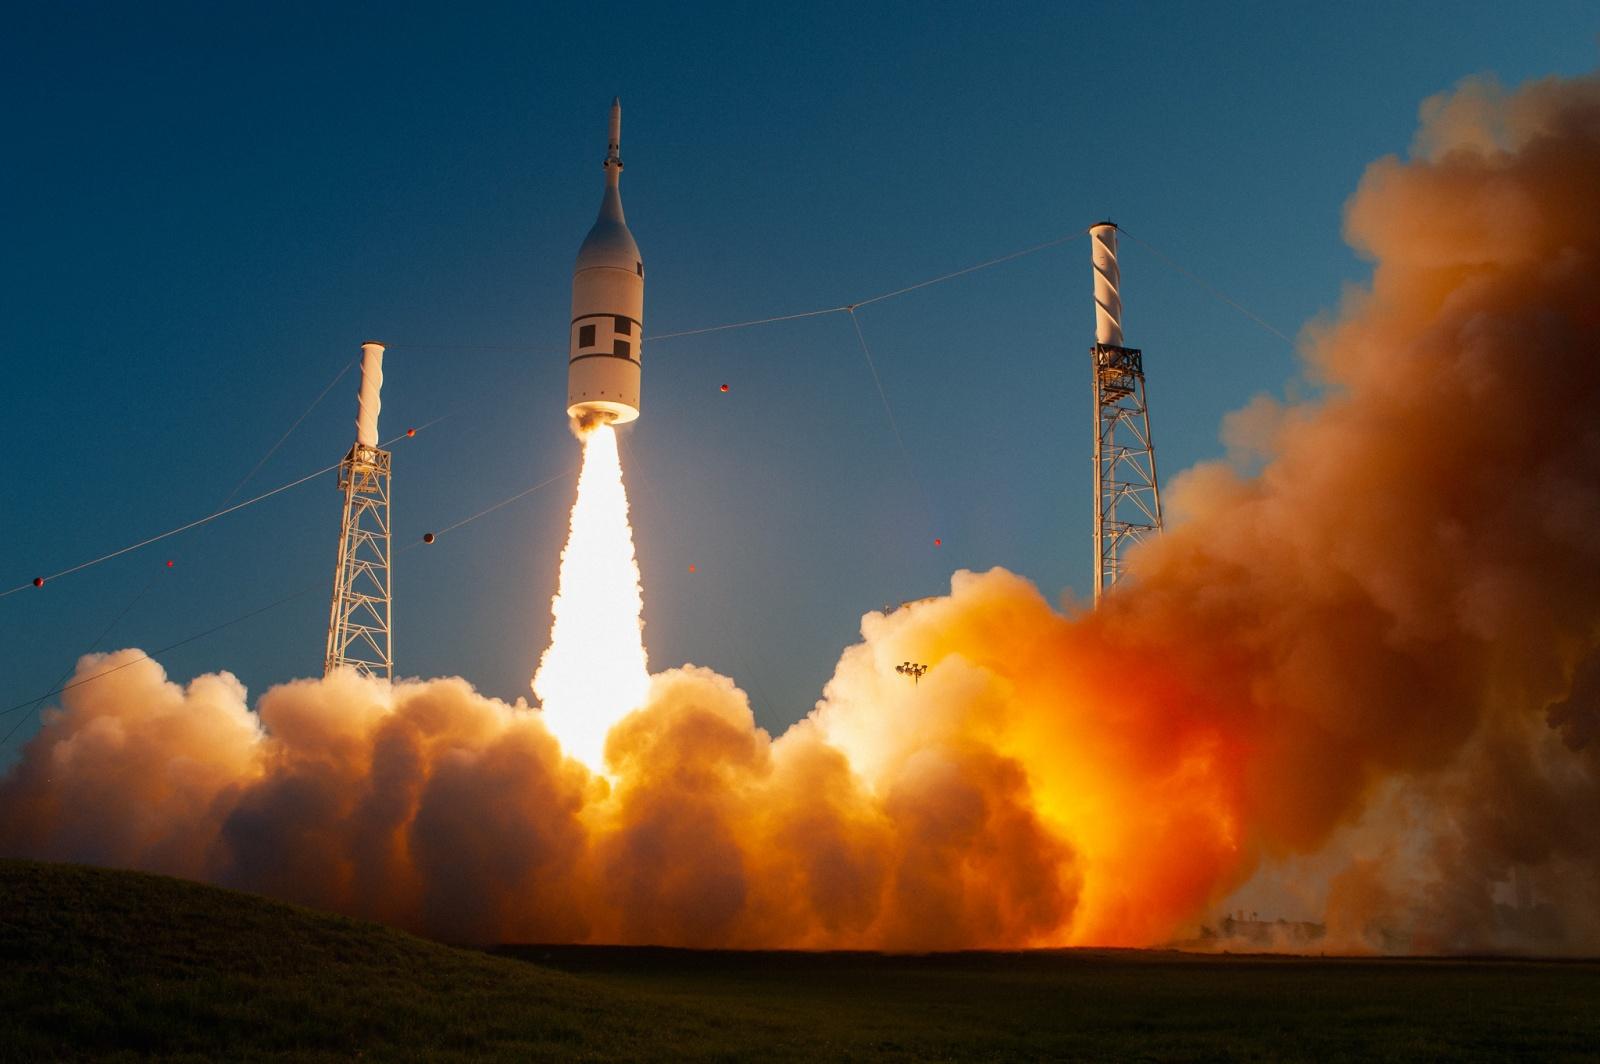 НАСА провело успешные испытания систем аварийного спасения Orion - 1